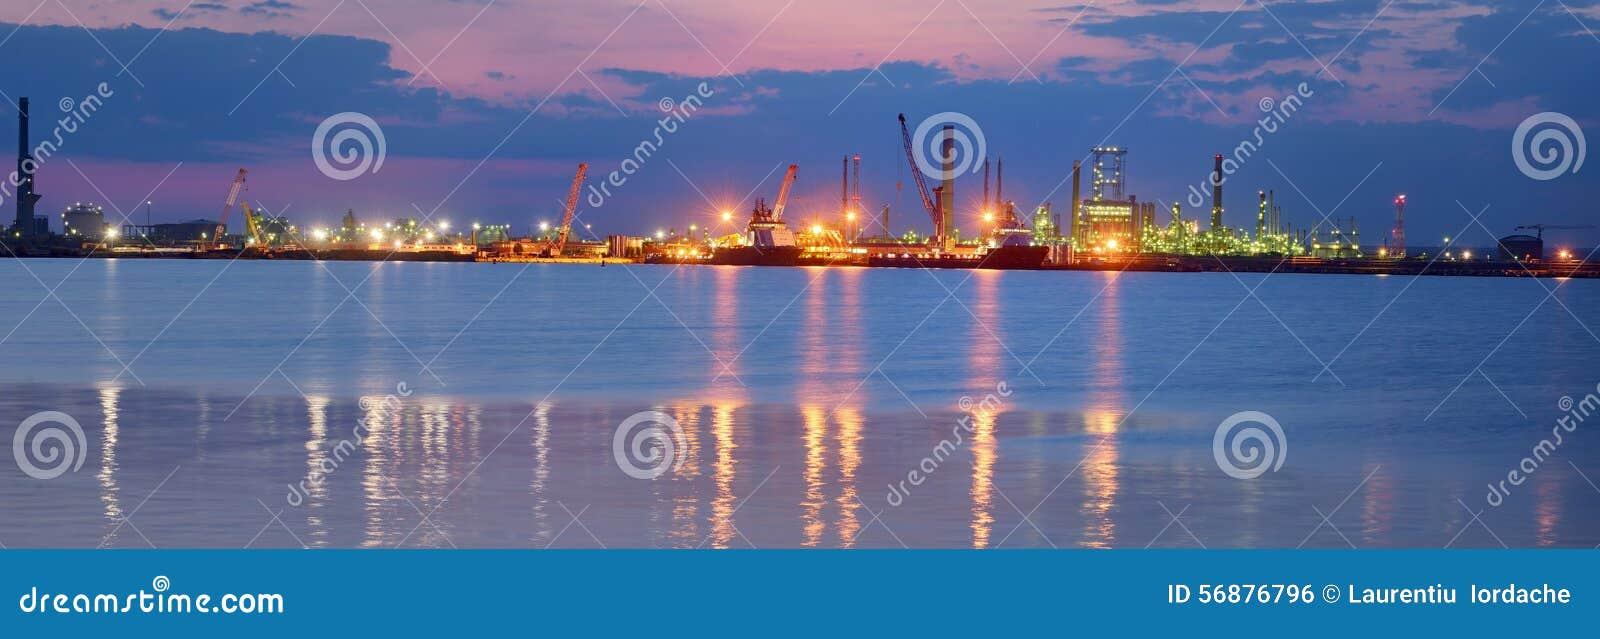 Raffineria di produzione del combustibile e del petrolio